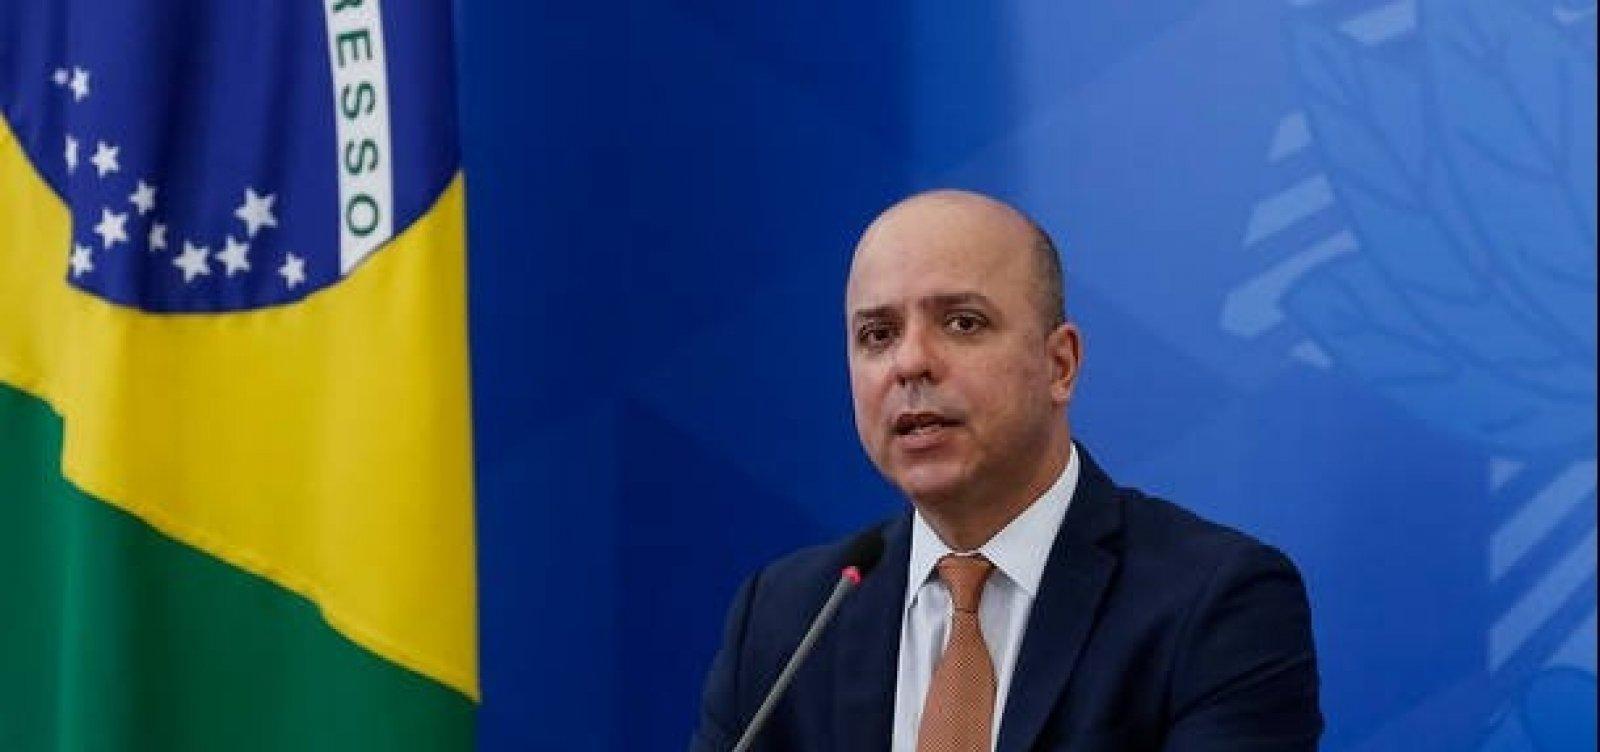 [Governo anuncia R$ 15,9 bilhões para empréstimos a pequenos negócios]